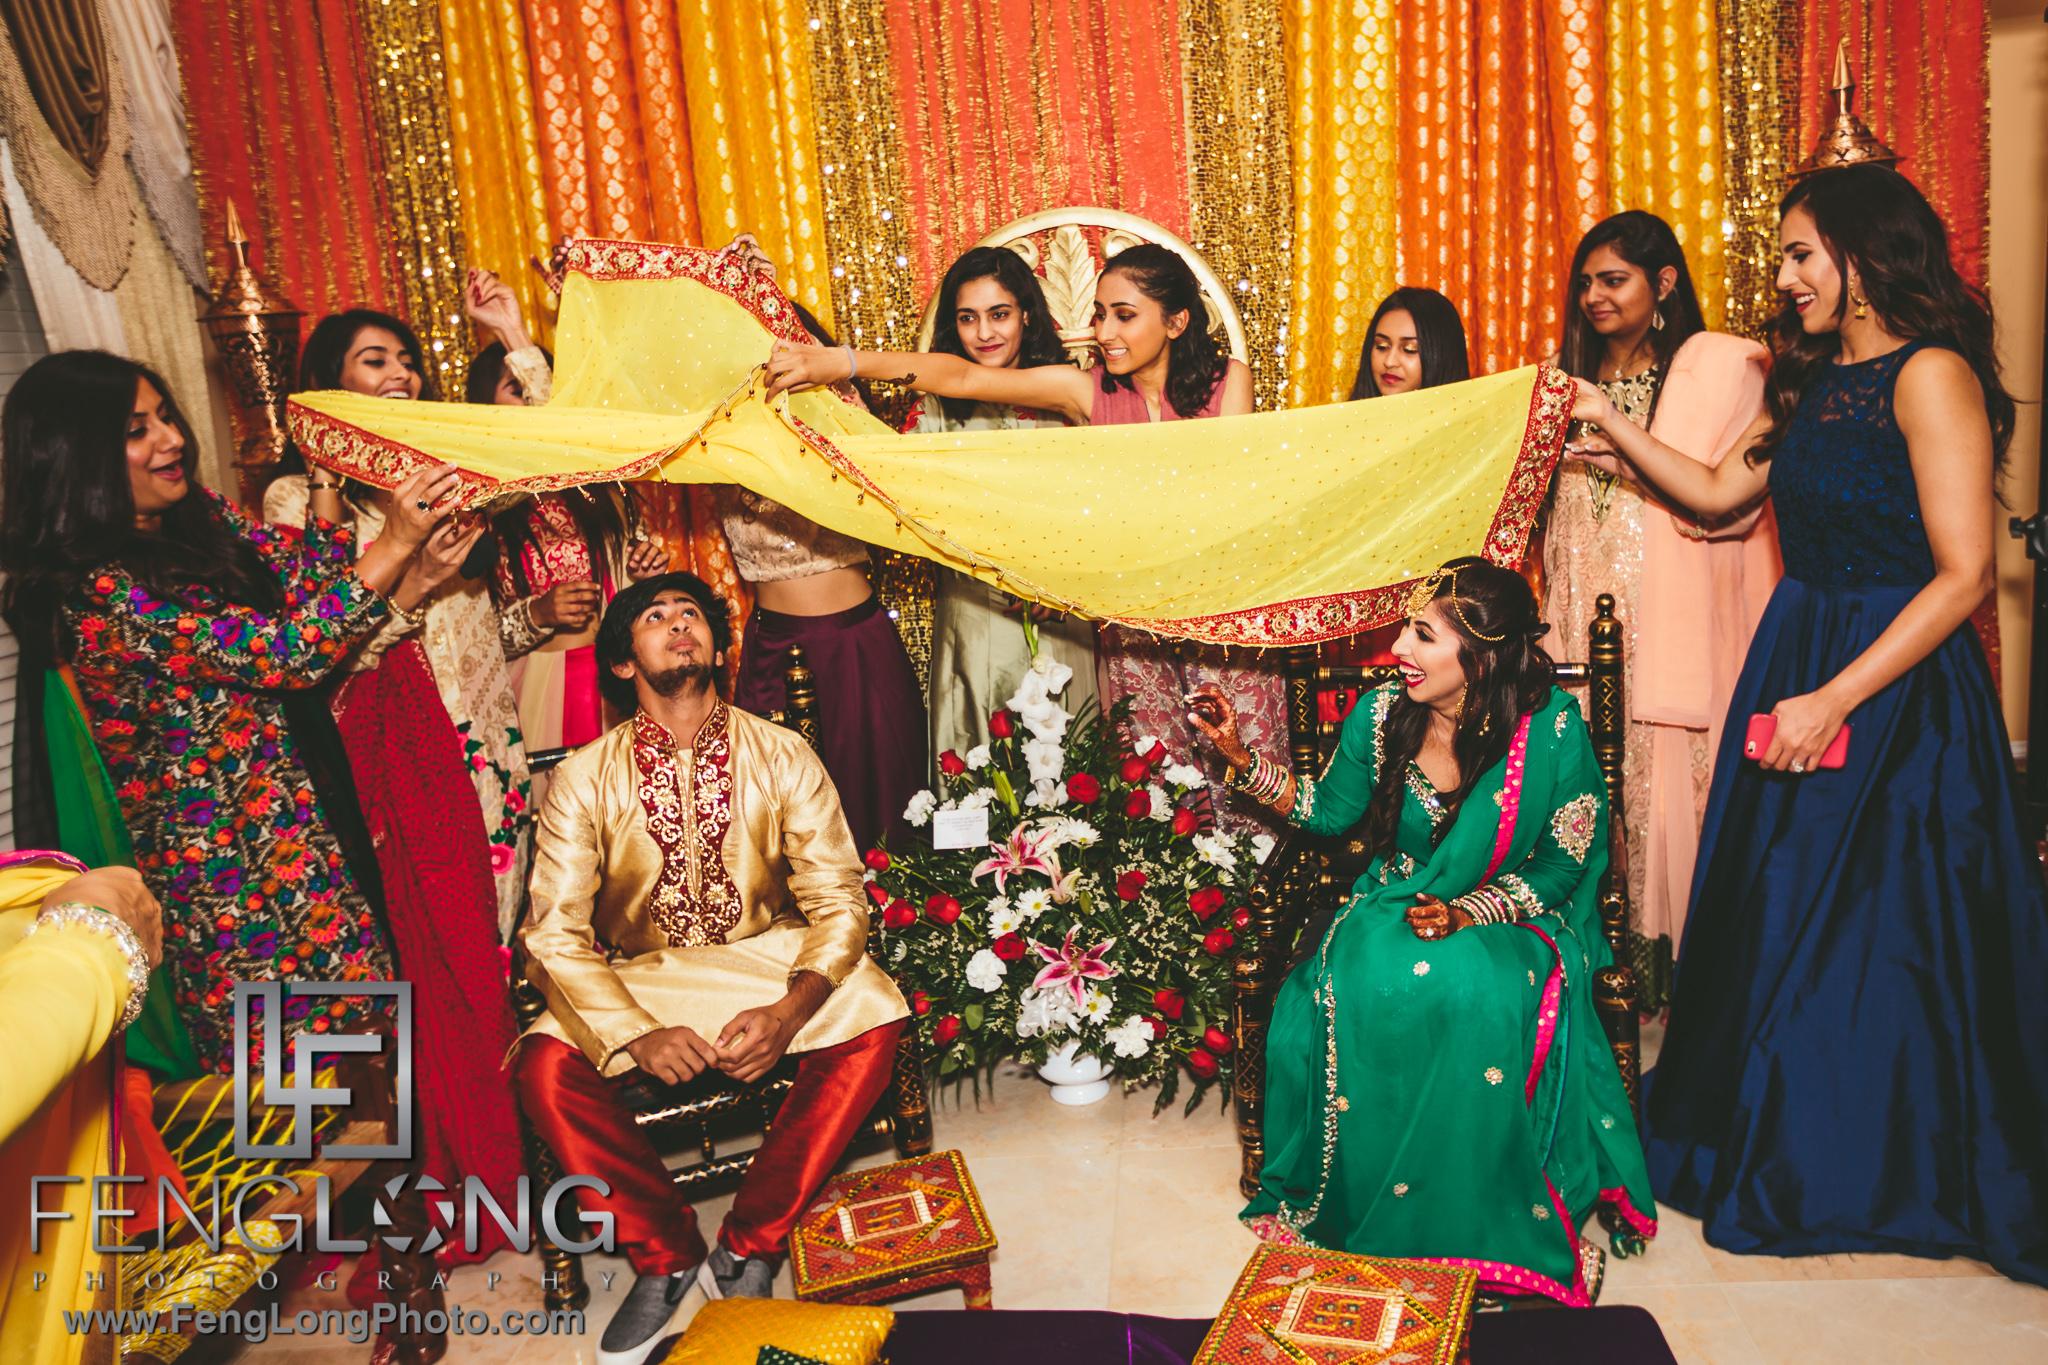 atlanta-indian-wedding-mehndi-night-324643